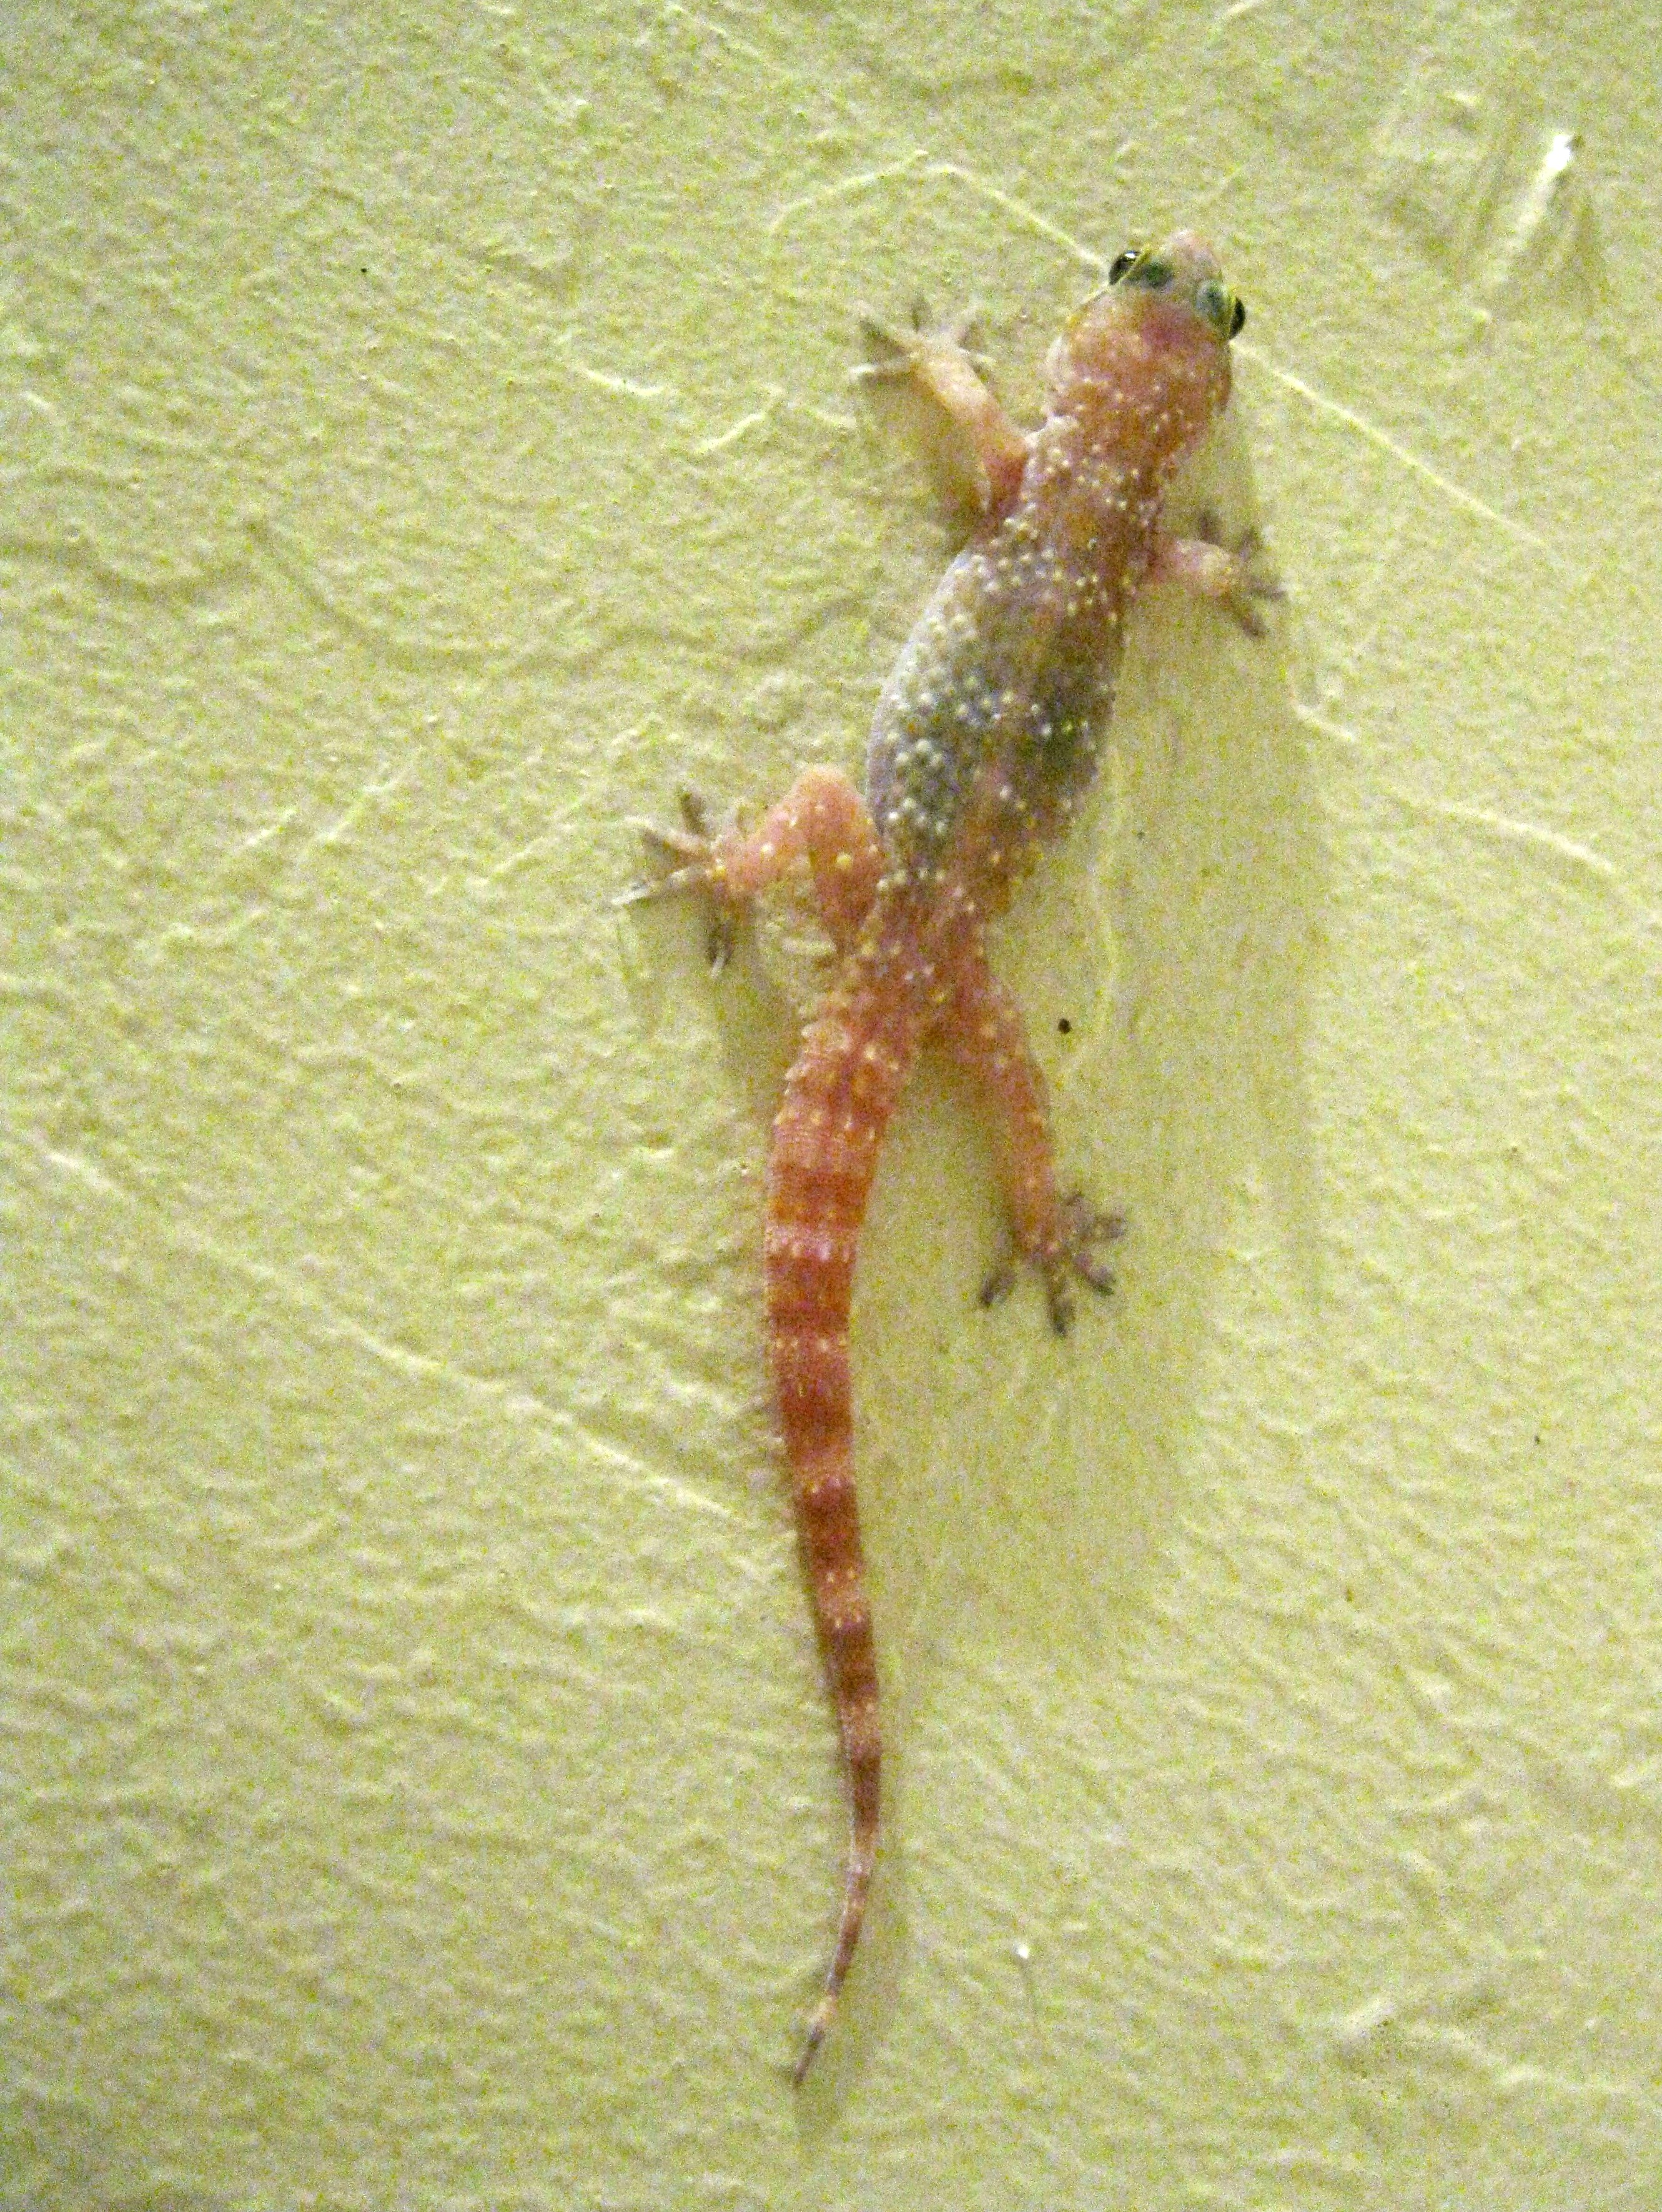 Lizards Rebecca Heisman